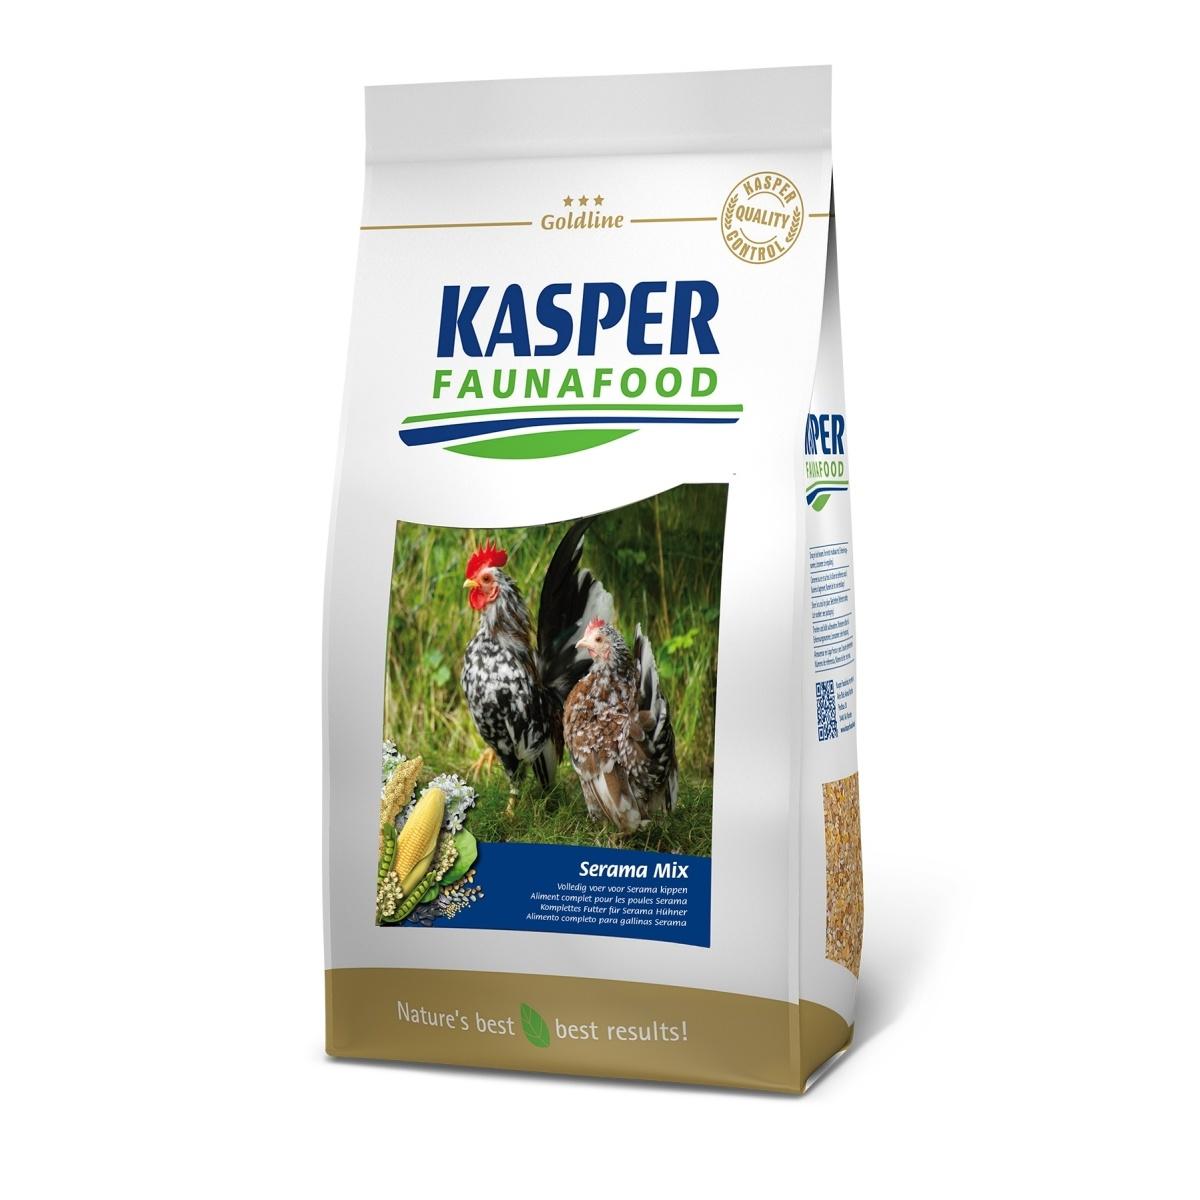 Kasper KASPER- goldline serama mix 3kg